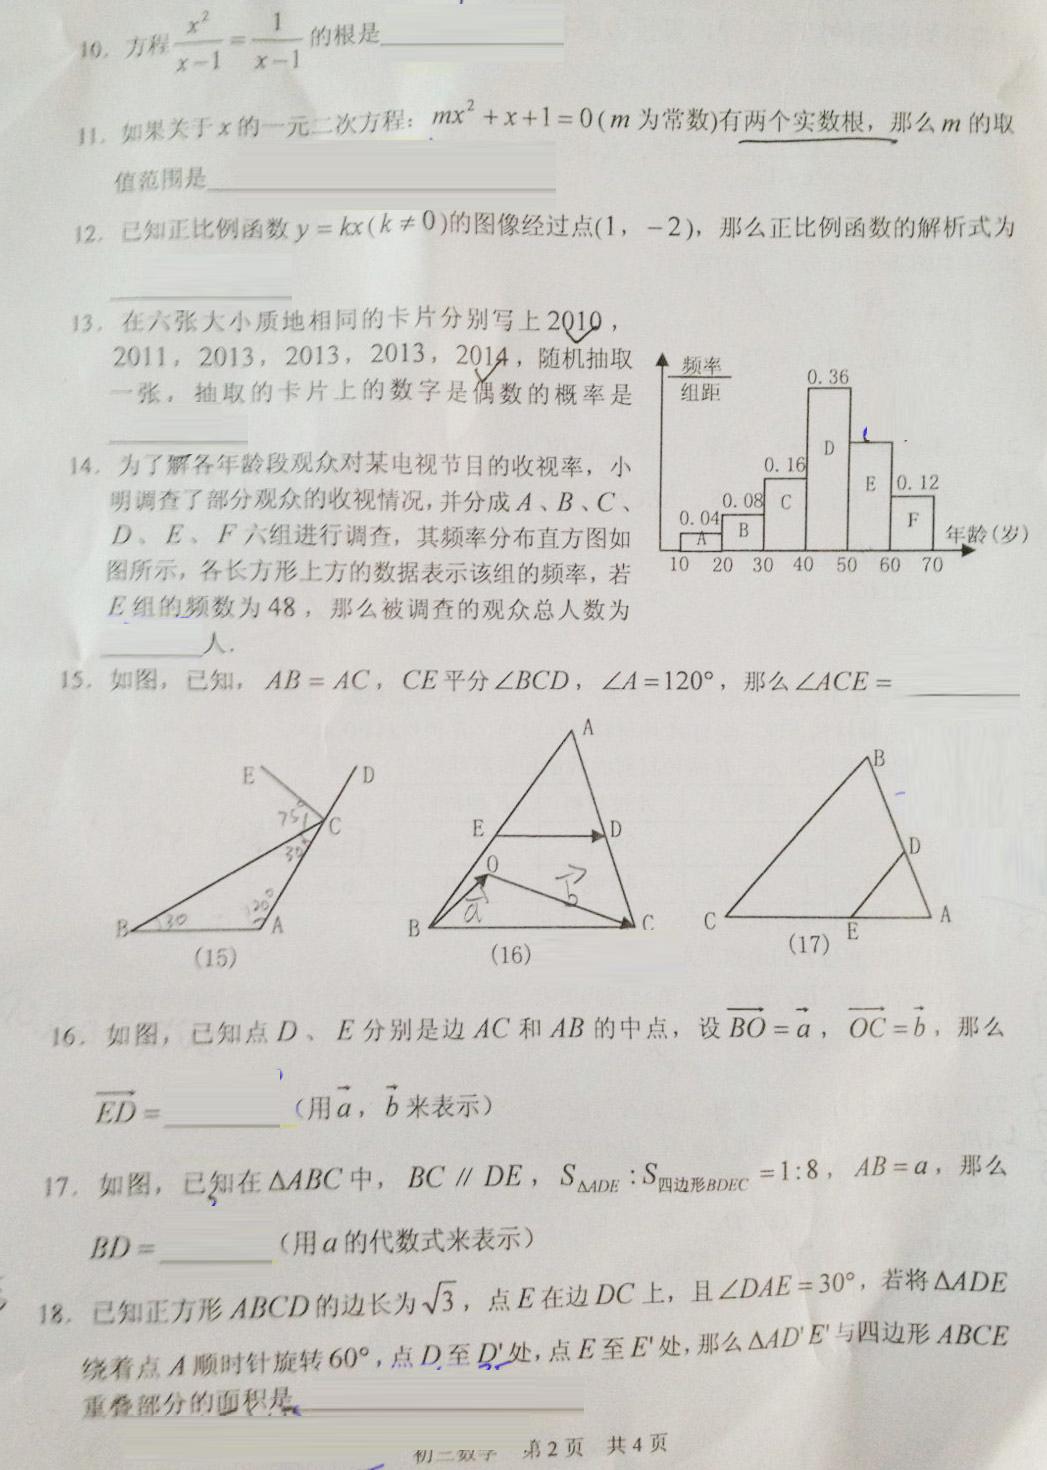 2013学年金山区第二学期初三模拟考试数学试卷